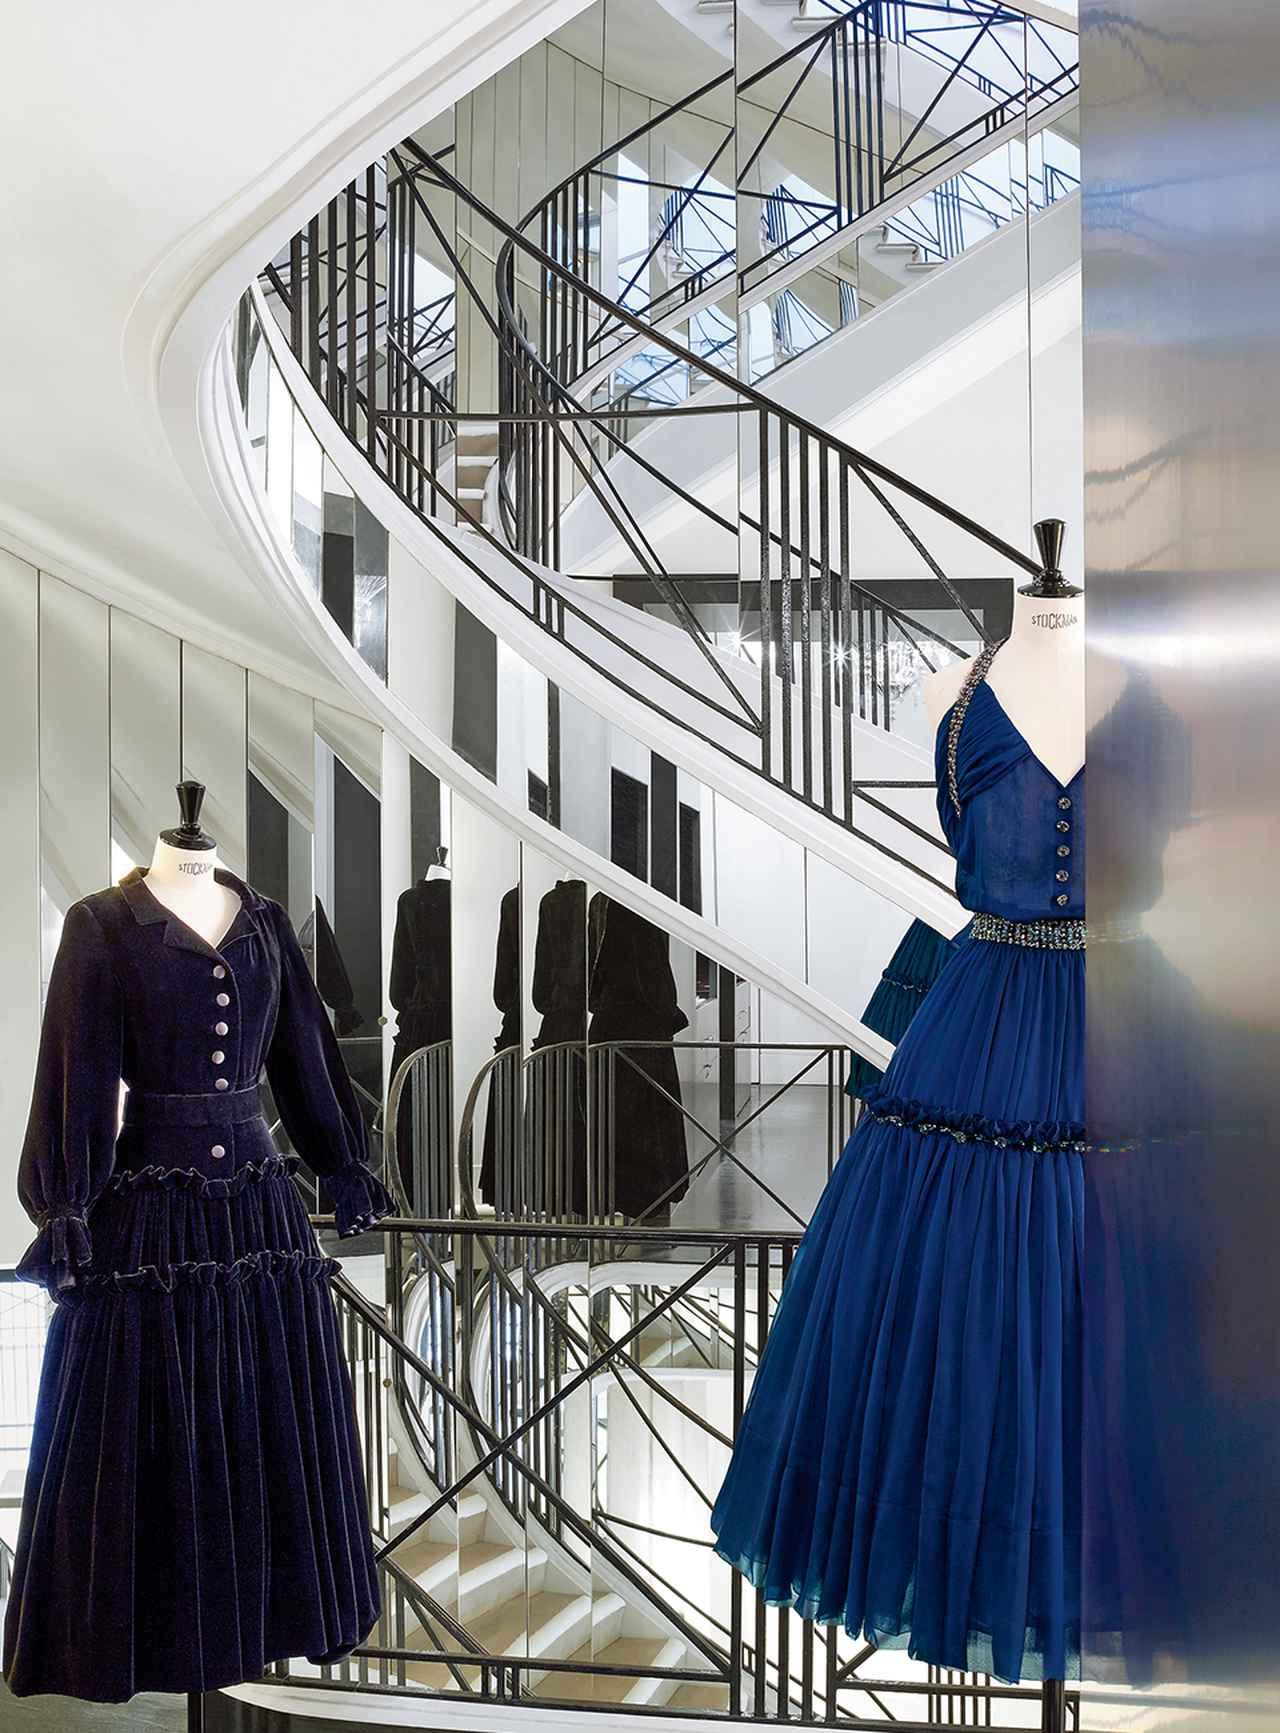 Images : 1番目の画像 - 「ファッションは 温故知新か、革新か―― <後編>」のアルバム - T JAPAN:The New York Times Style Magazine 公式サイト